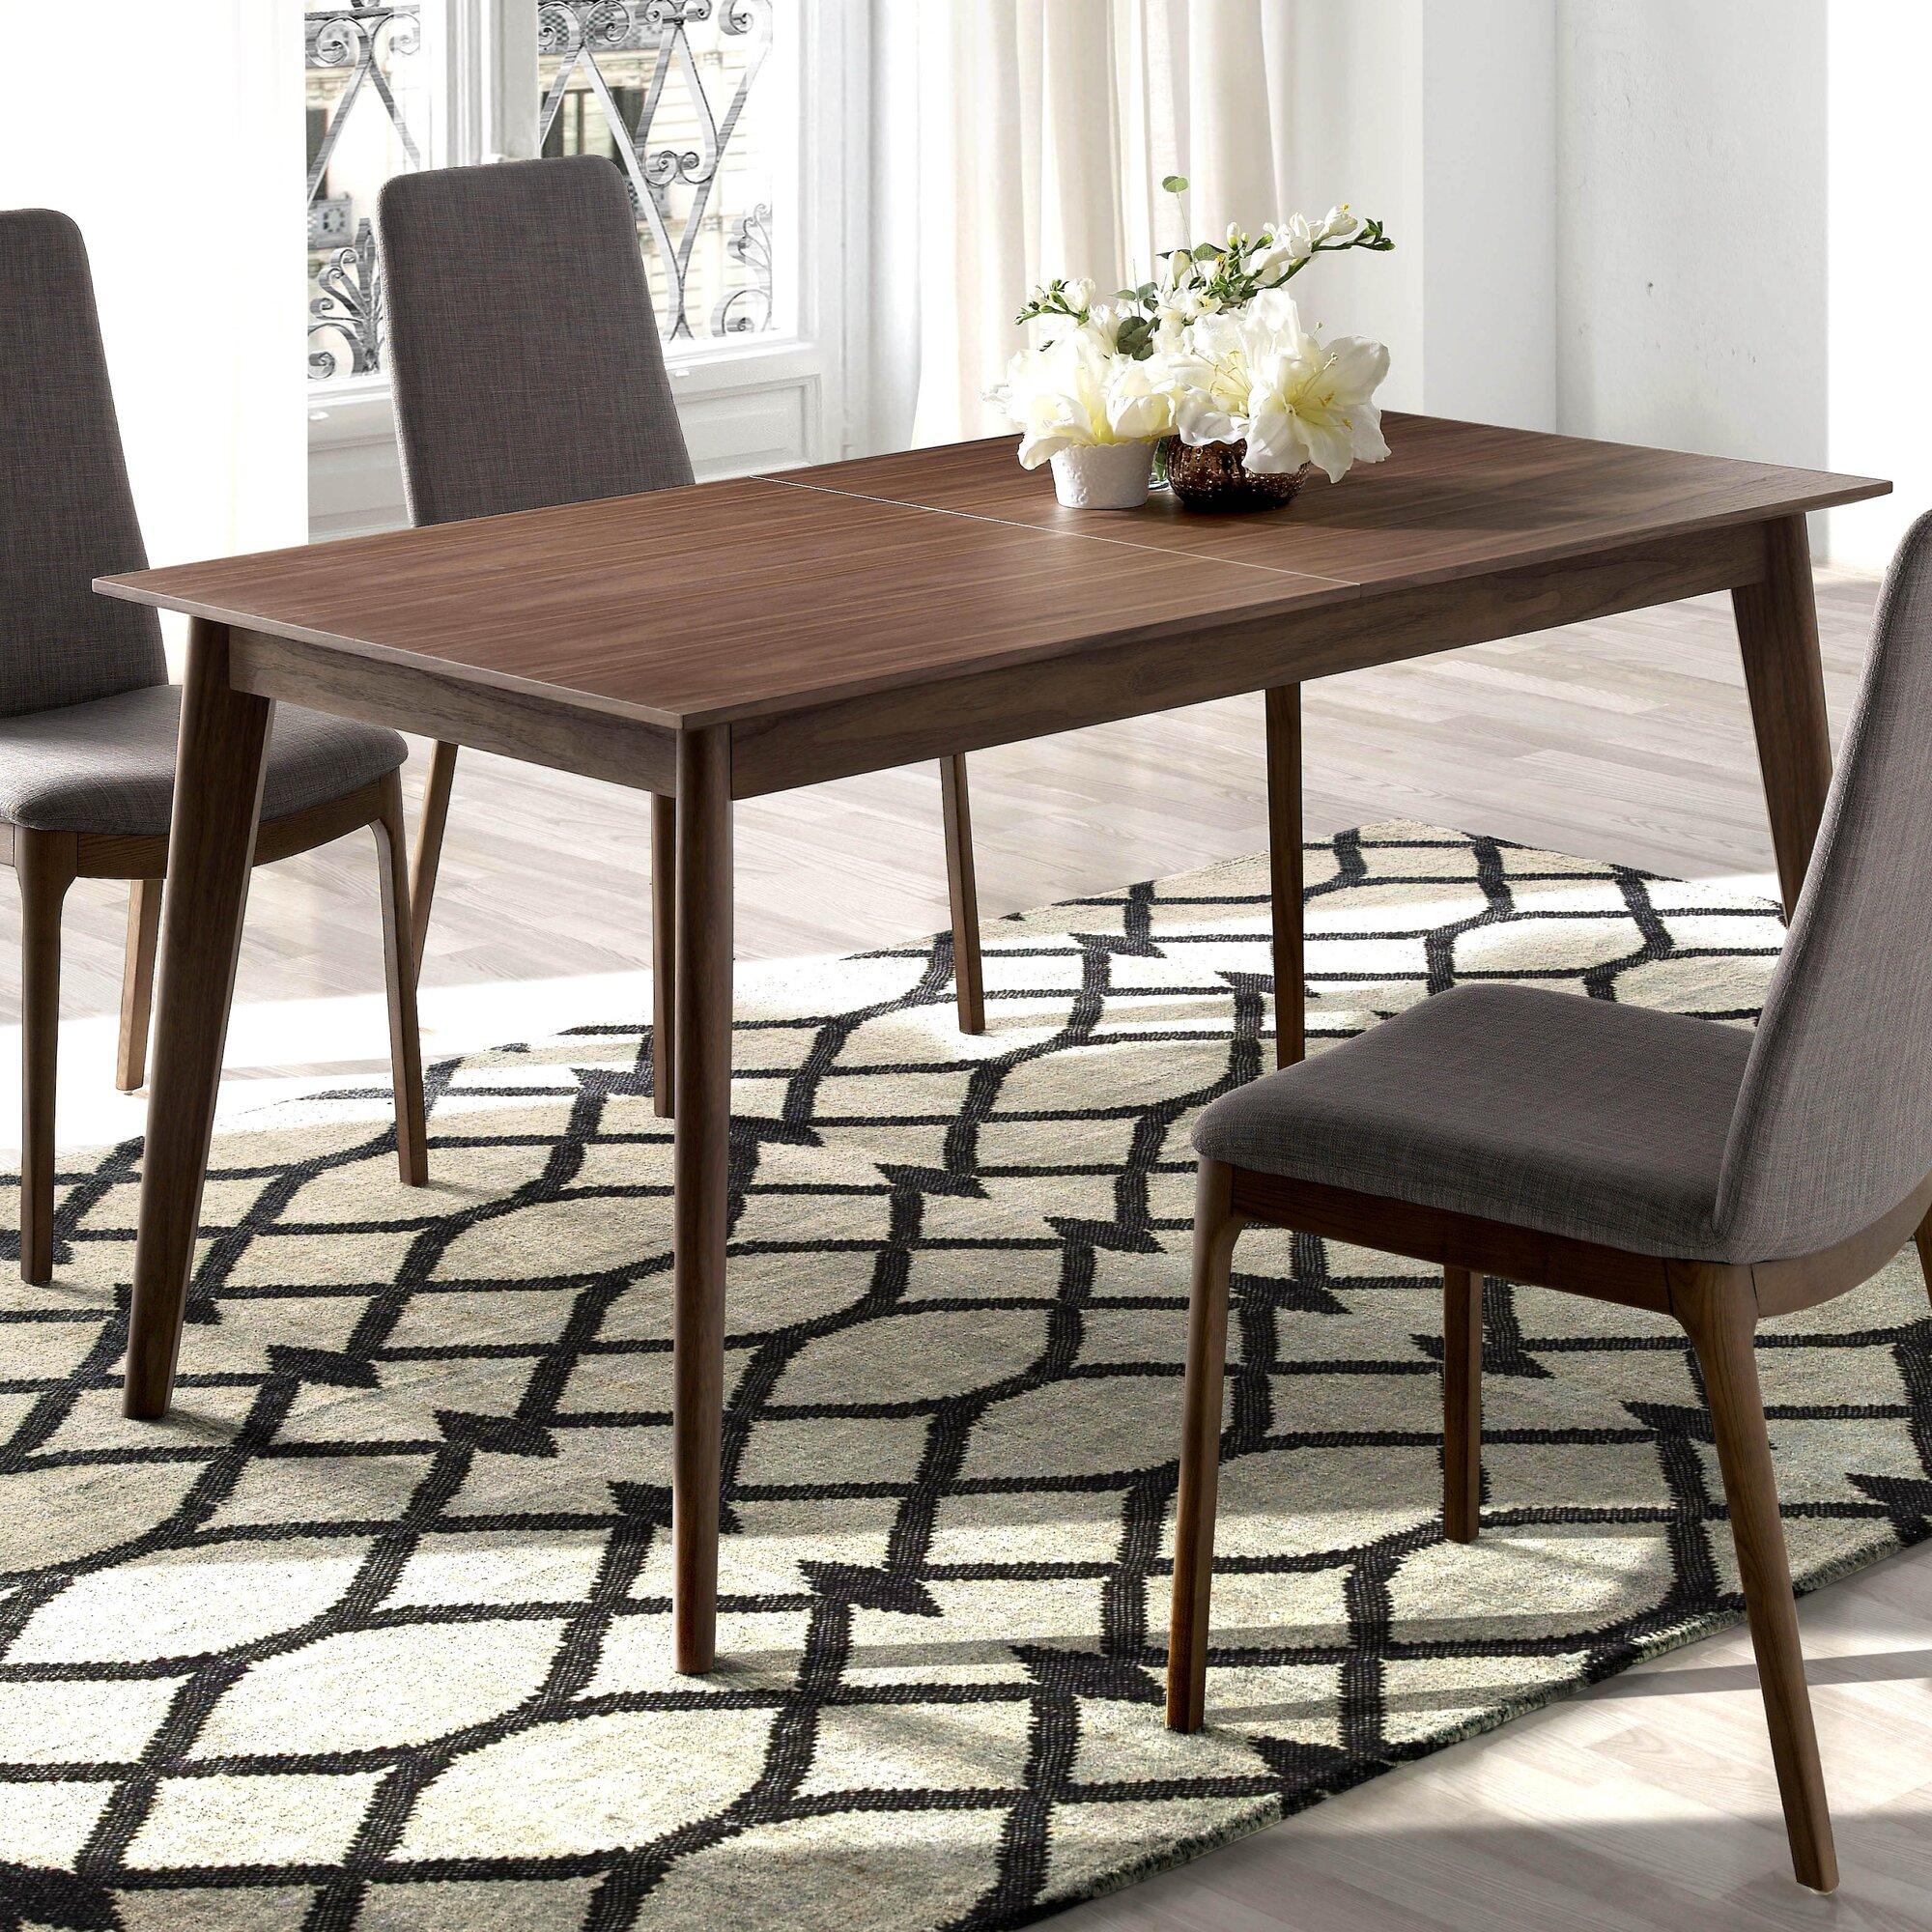 angel cerda ausziehtisch. Black Bedroom Furniture Sets. Home Design Ideas